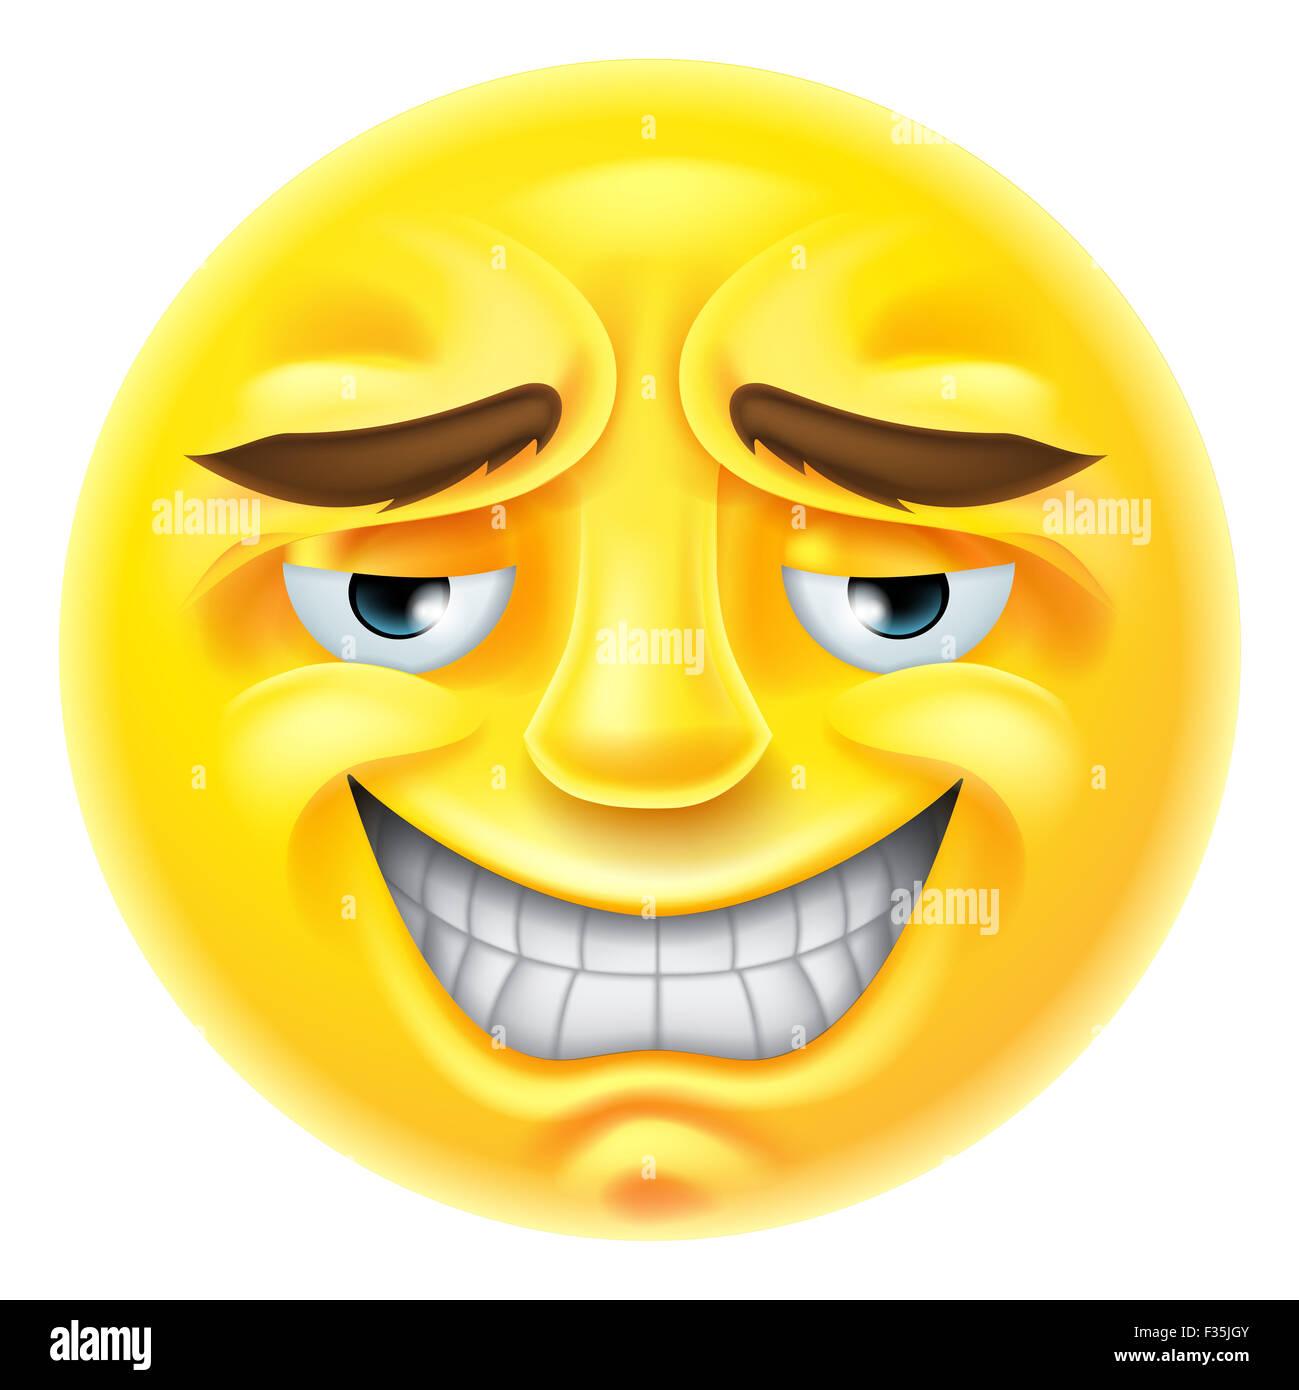 Un Caractere D Emoticones Emoji Dans Un Sourire Gene Ou Facon Onctueuse Photo Stock Alamy